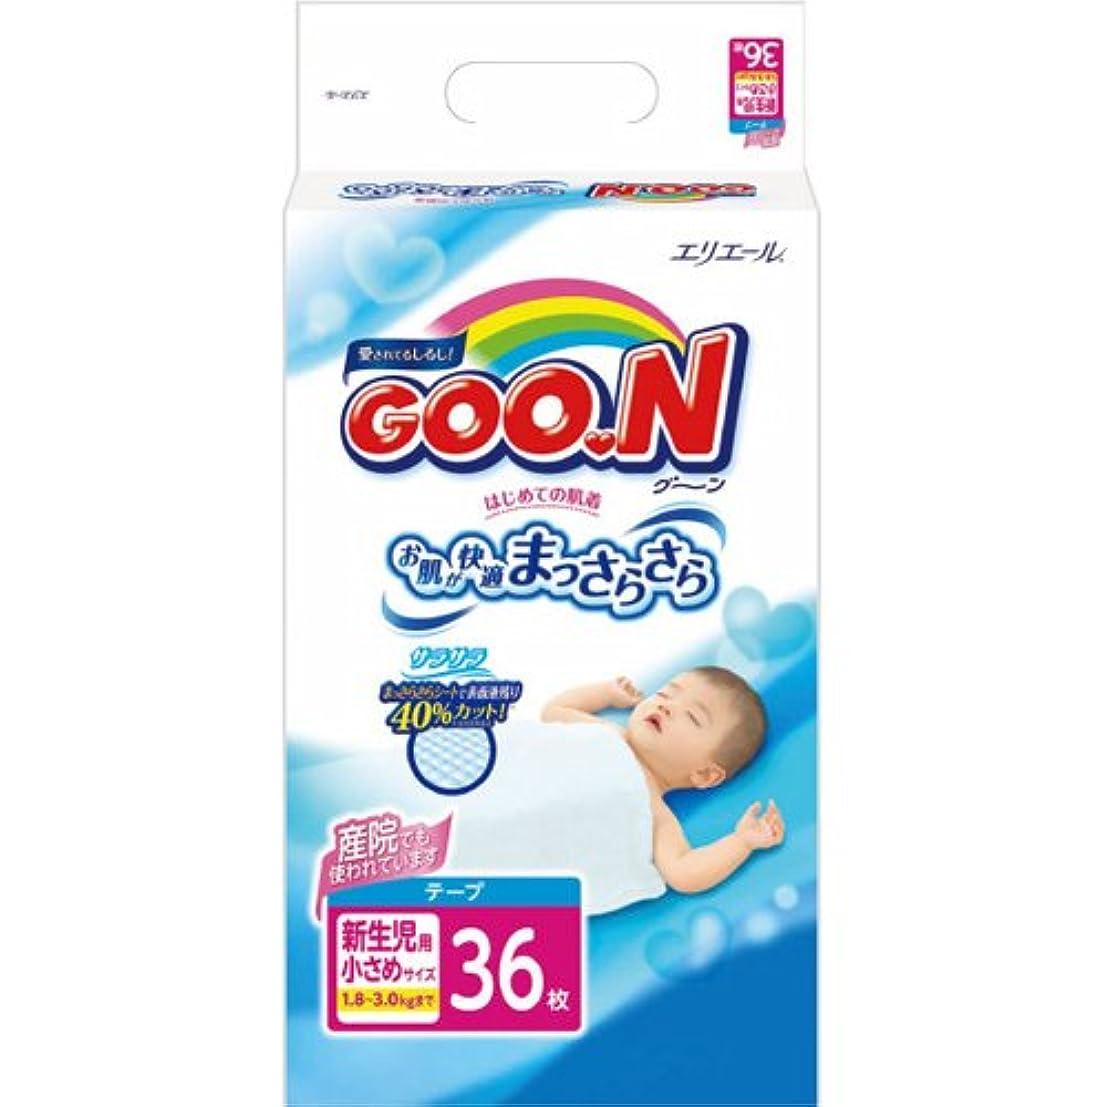 グ~ン はじめての肌着 生まれてすぐの赤ちゃん用小さめサイズ × 10個セット